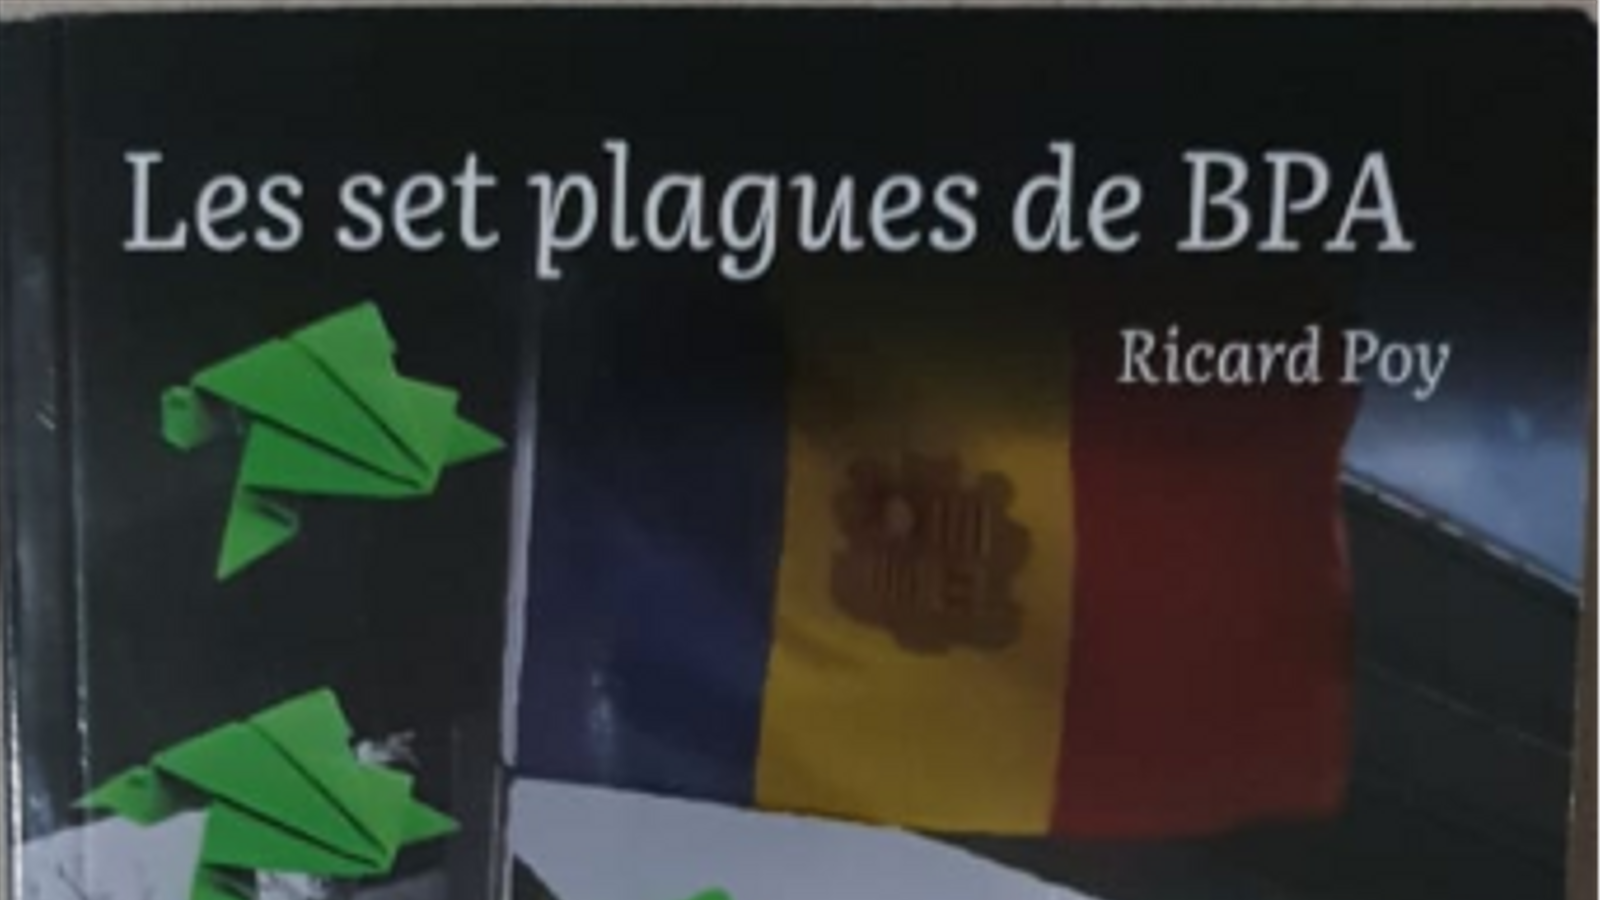 El periodista Ricard Poy presenta 'Les set plagues de BPA'